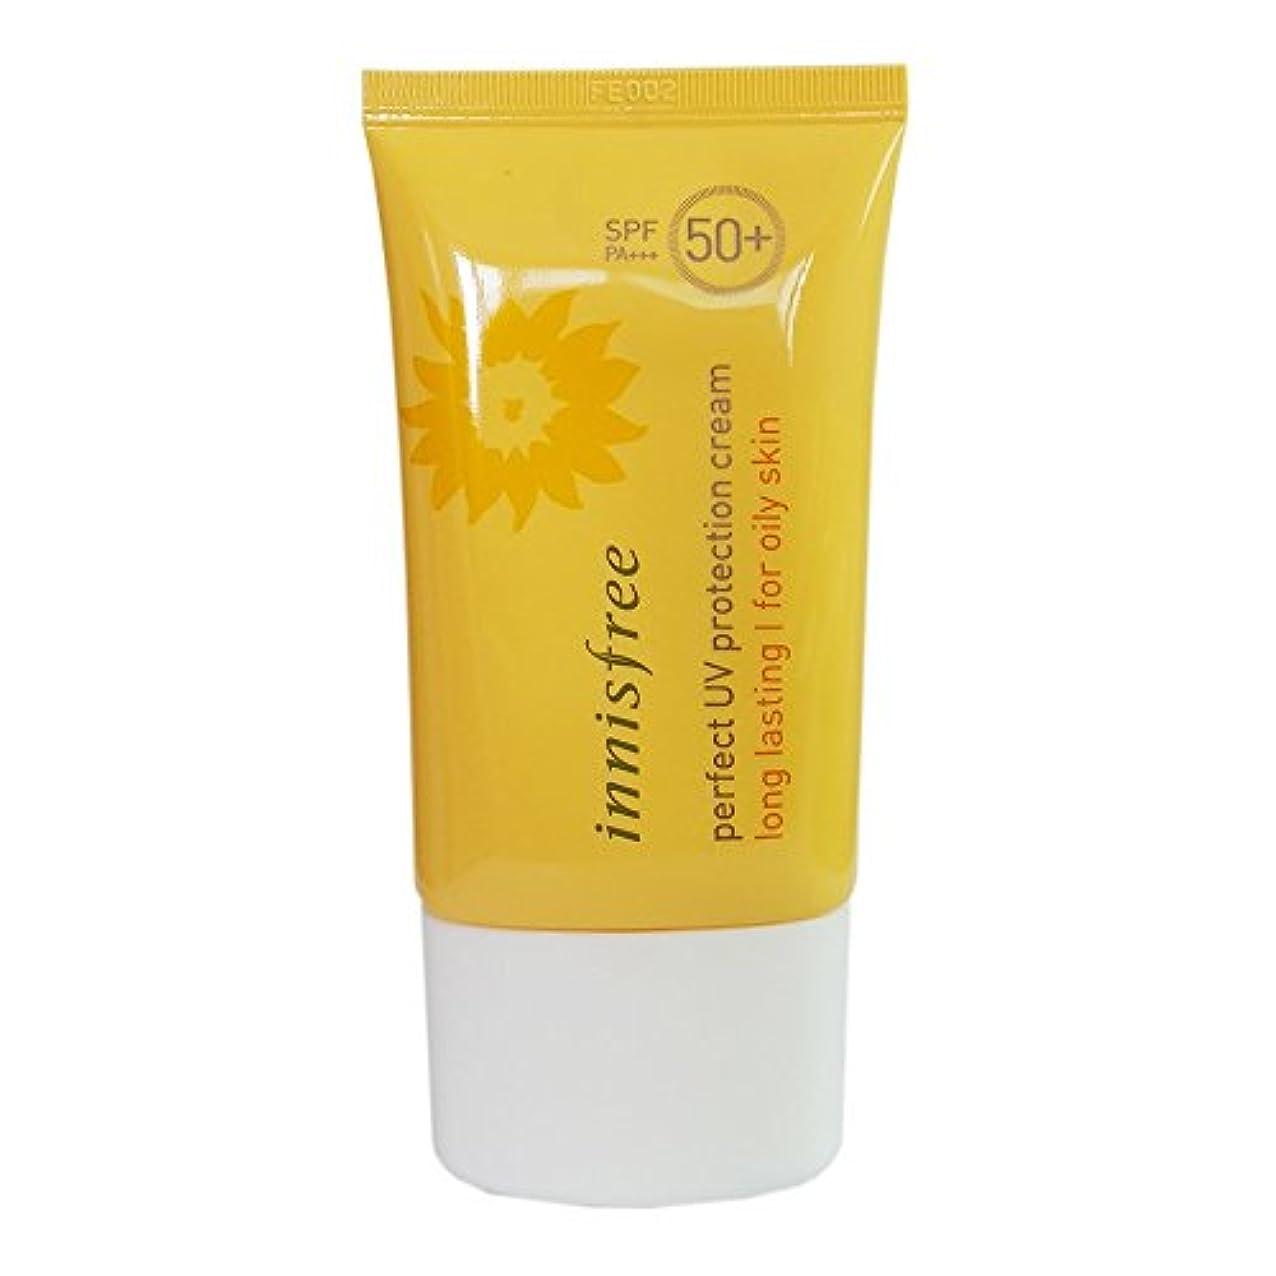 アウトドア指定排他的[イニスプリー]Innisfree パーフェクトUVプロテクションクリームロング・ラスティング 脂複合性肌用 SPF50+PA+++ 50ml Innisfree Perfect UV Protection Cream Long Lasting For Oily skin SPF50+PA+++ 50ml [海外直送品]